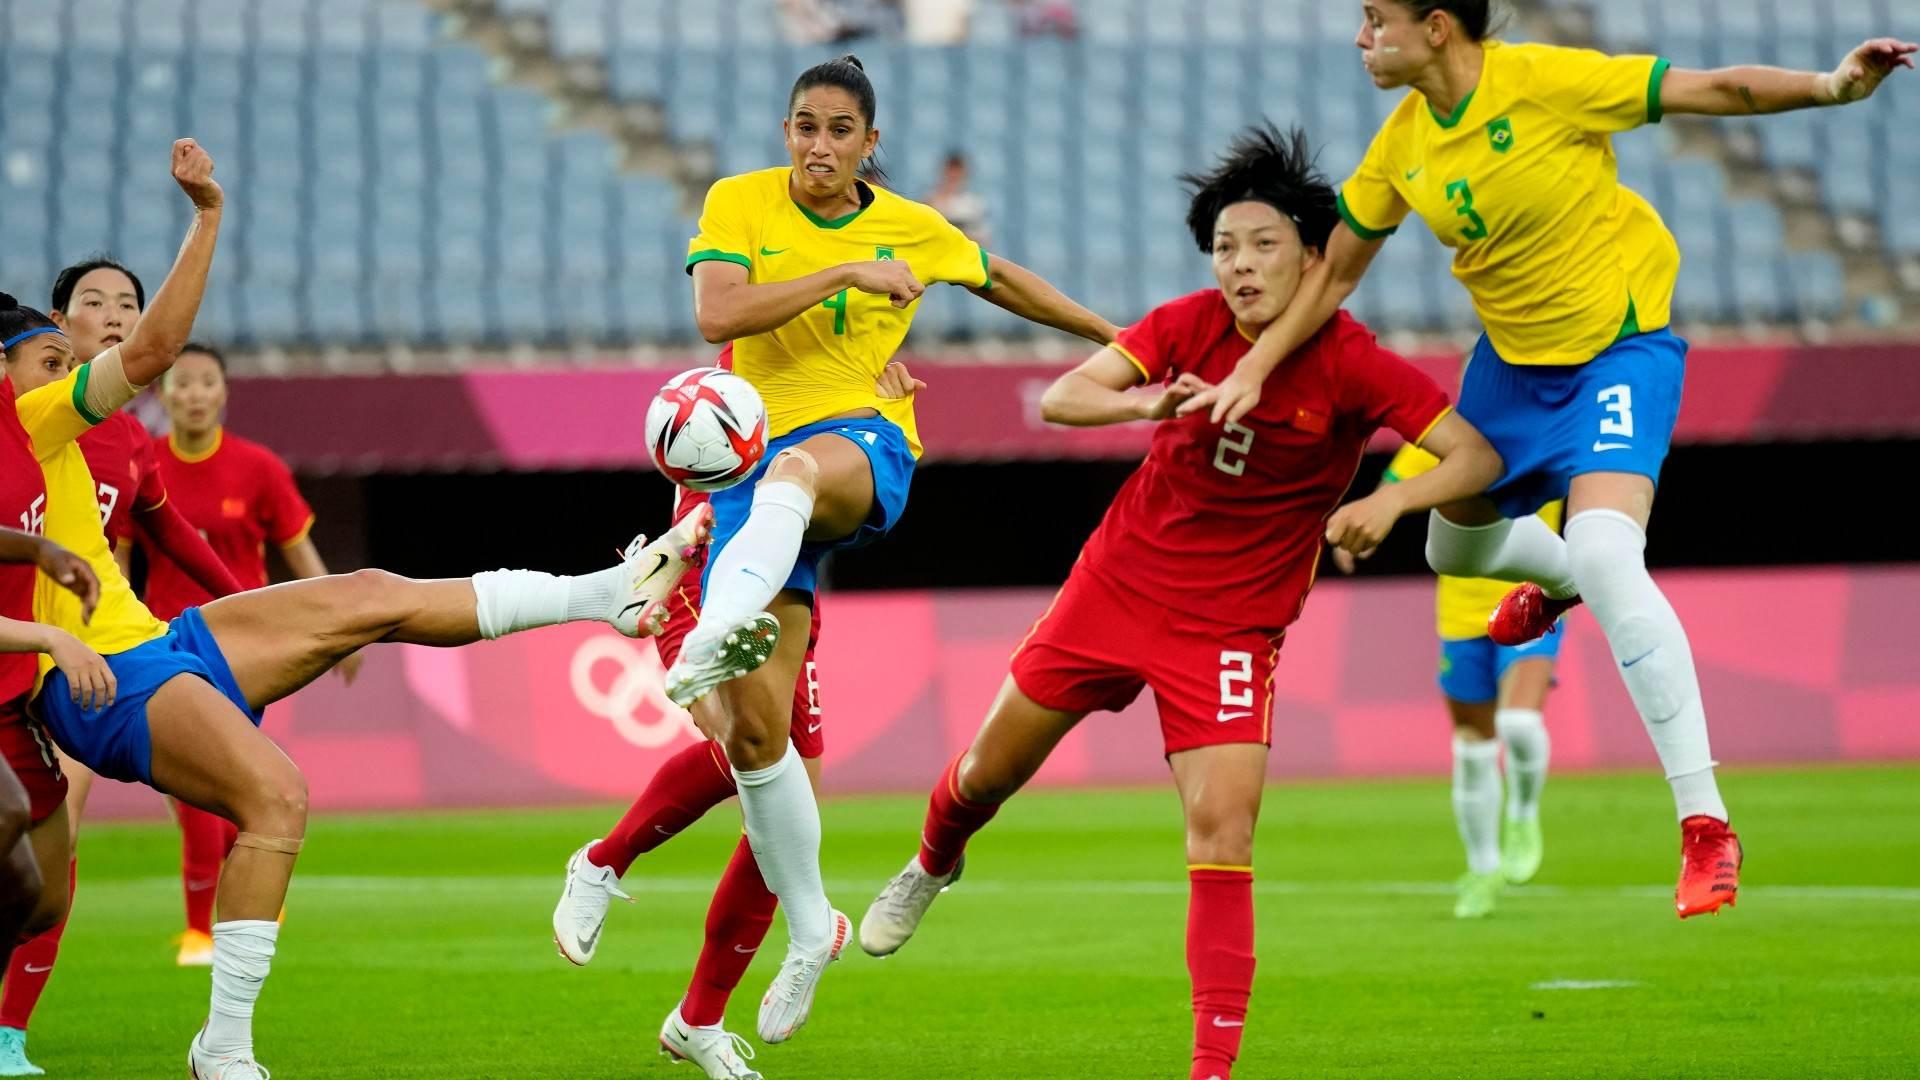 Jogadoras de Brasil e China disputam bola em estreia na Olimpíada de Tóquio